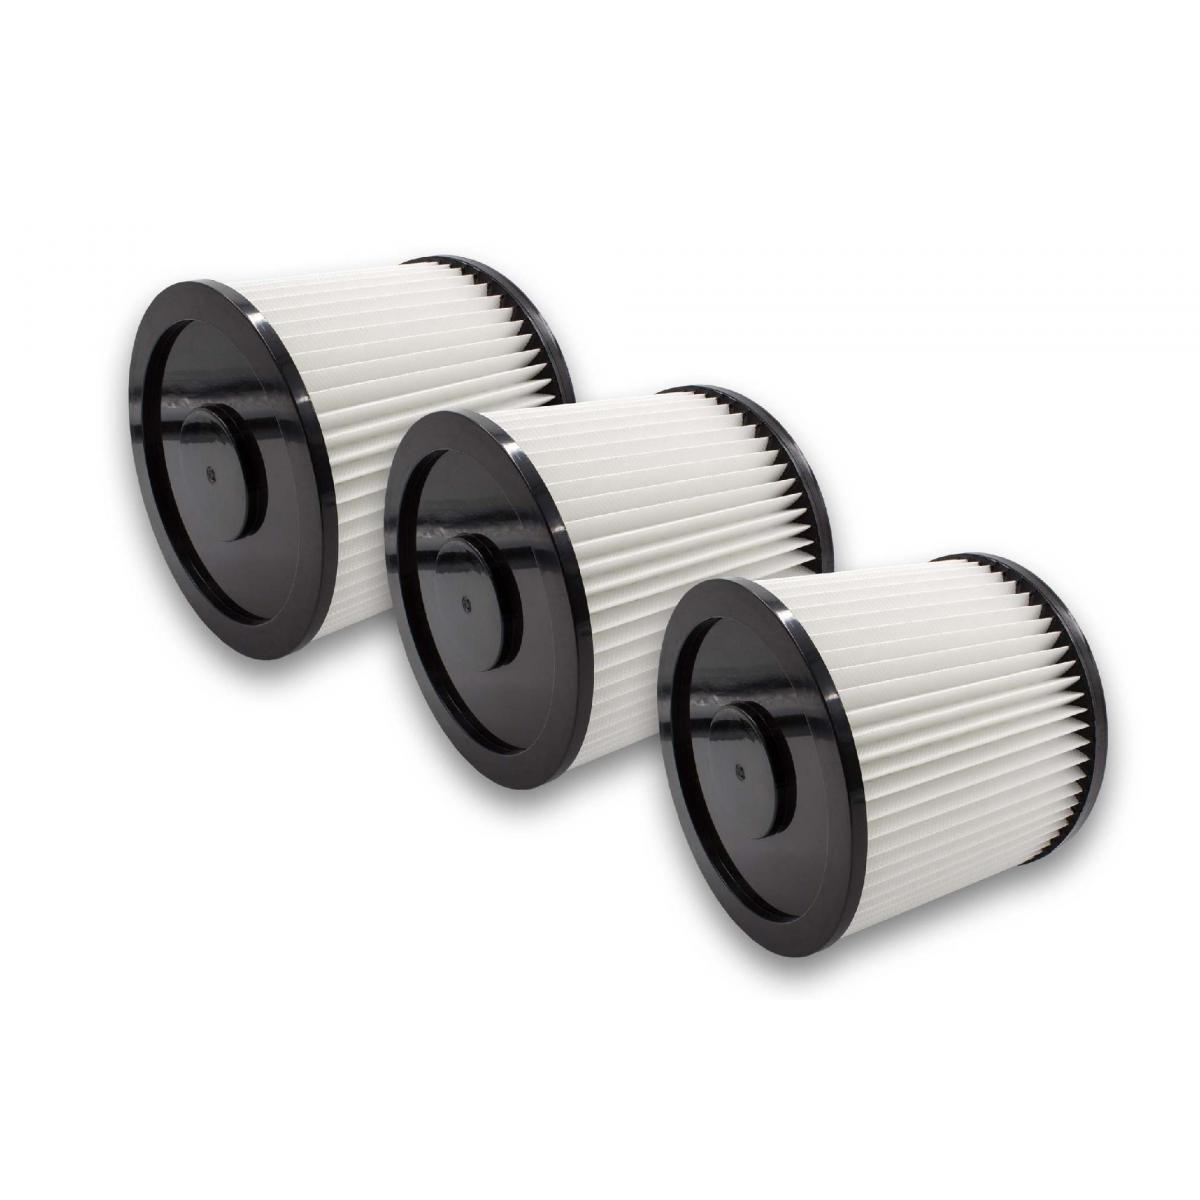 Vhbw vhbw 3x Filtres ronds pour aspirateur compatible avec Rowenta Collecto RB 14, RB 50, RB 500, RB 51, RB 510 remplacement